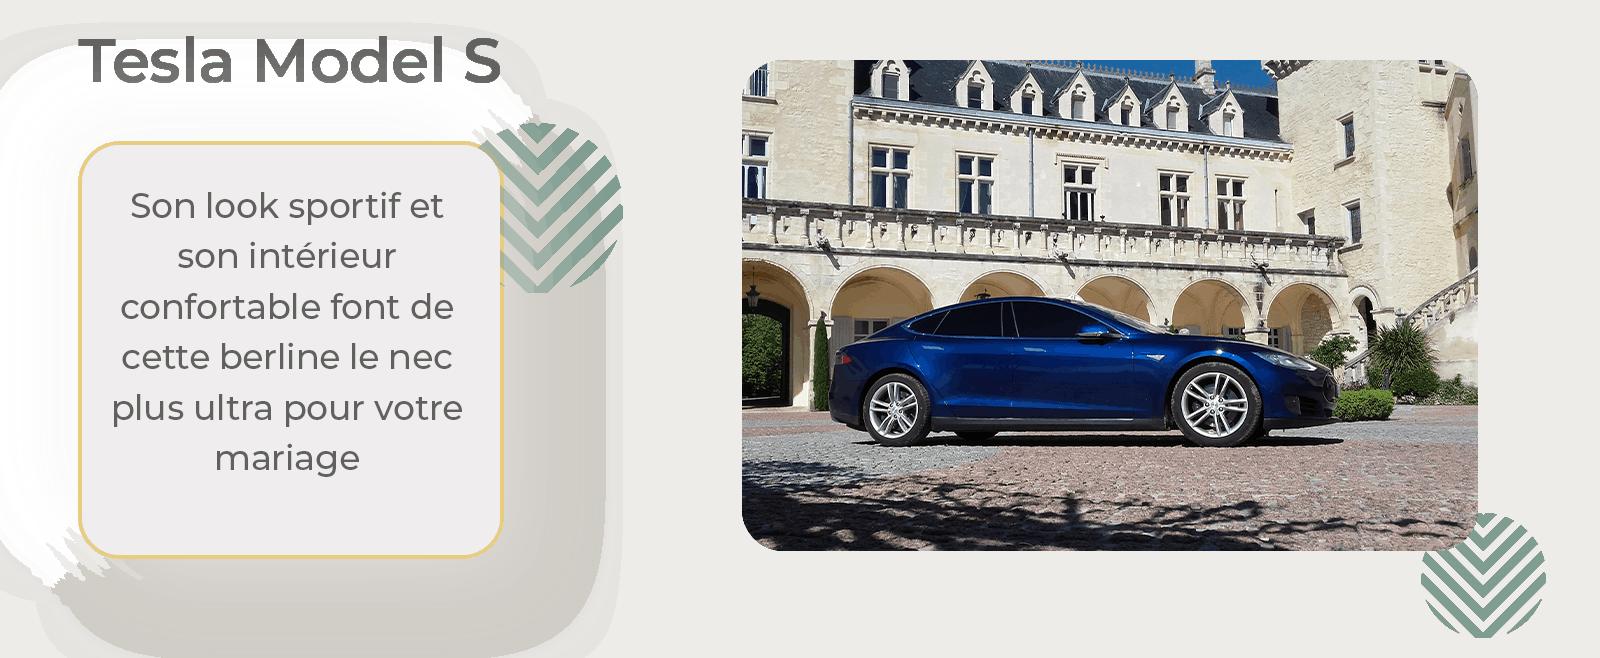 Louer une Tesla Model S pour un mariage, la voiture et berline des mariés modernes et luxueuse. Une voiture avec chauffeur